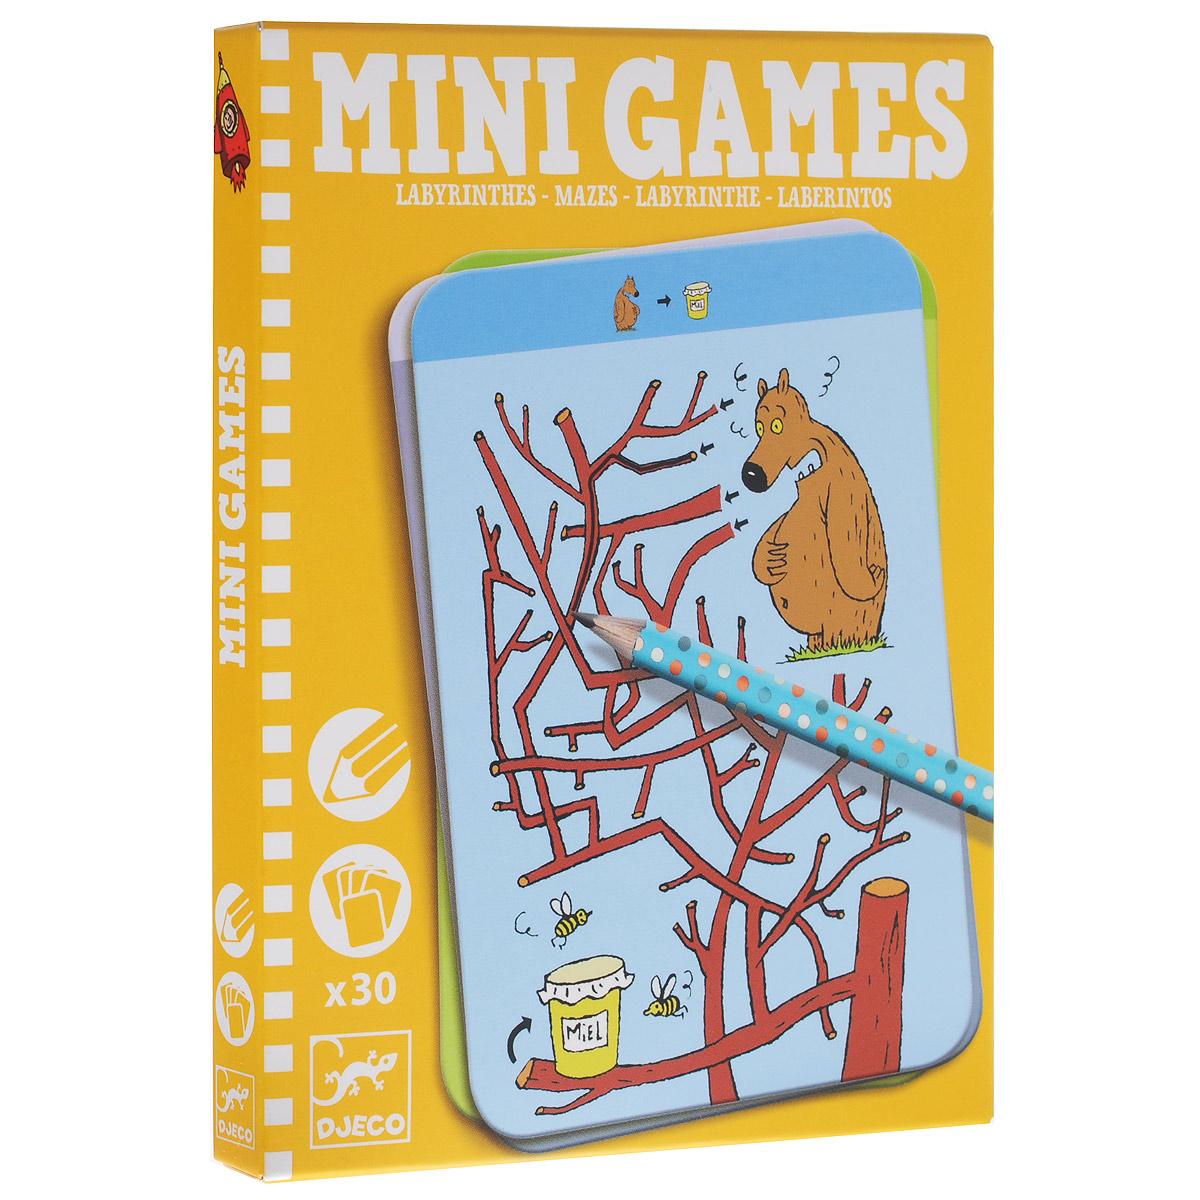 Djeco Мини-игра Лабиринты Тесея05325Мини-игра Лабиринты Тесея от французской компании Djeco - увлекательная карточная игра для детей в удобном компактном формате, которая прекрасно подходит для путешествий. Цель игры заключается в том, чтобы помочь животным достичь нужного места, проводя героя через запутанный лабиринт. Будьте осторожны - не попадите в тупик! На игровых карточках изображены сложные лабиринты и животные, которым необходима ваша помощь. В комплект игры входят 30 карточек и заточенный чернографитный карандаш с ластиком на конце. Малыш сможет прокладывать путь, рисуя его и стирая при необходимости. Фирма Djeco - это гарантия высокого качества, широкий выбор товаров для гармоничного развития ребенка, над дизайном и иллюстрациями работают опытные детские психологи и дизайнеры. Рекомендуемый возраст: от 6 до 10 лет.